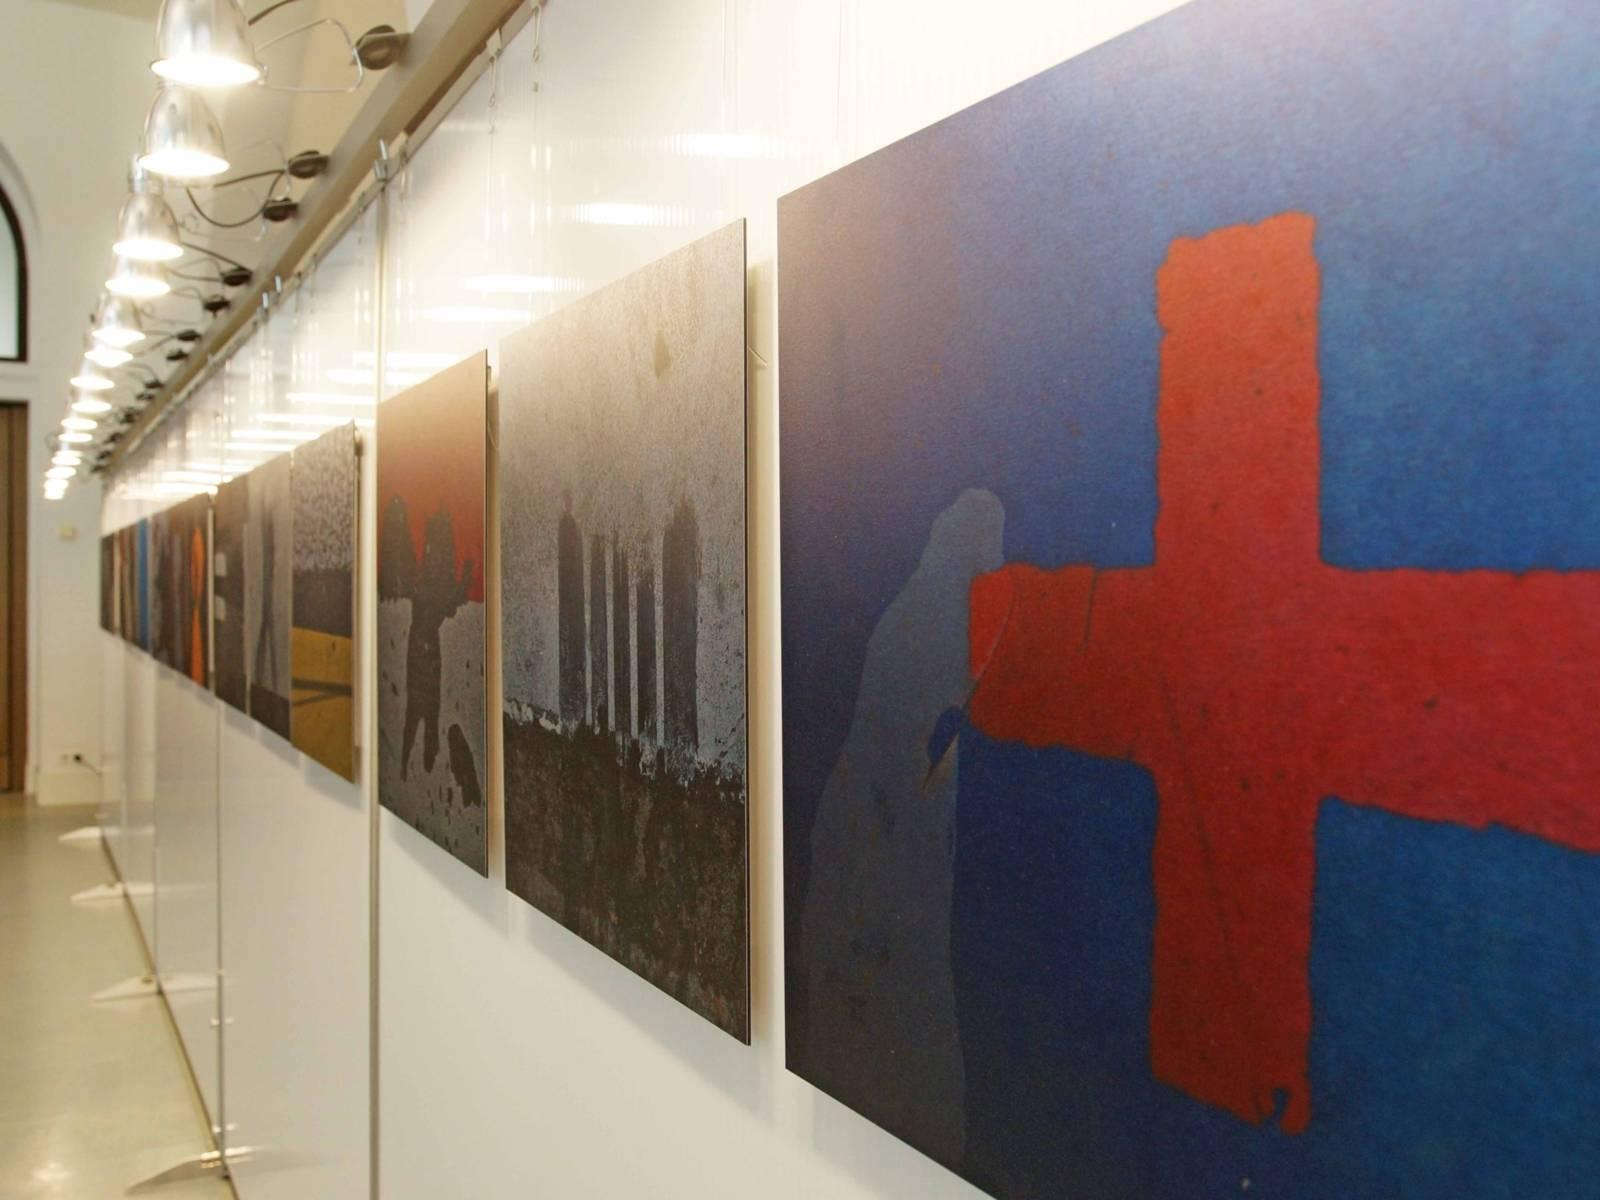 Eine Halle, in der mehrere Bilder zu sehen sind.